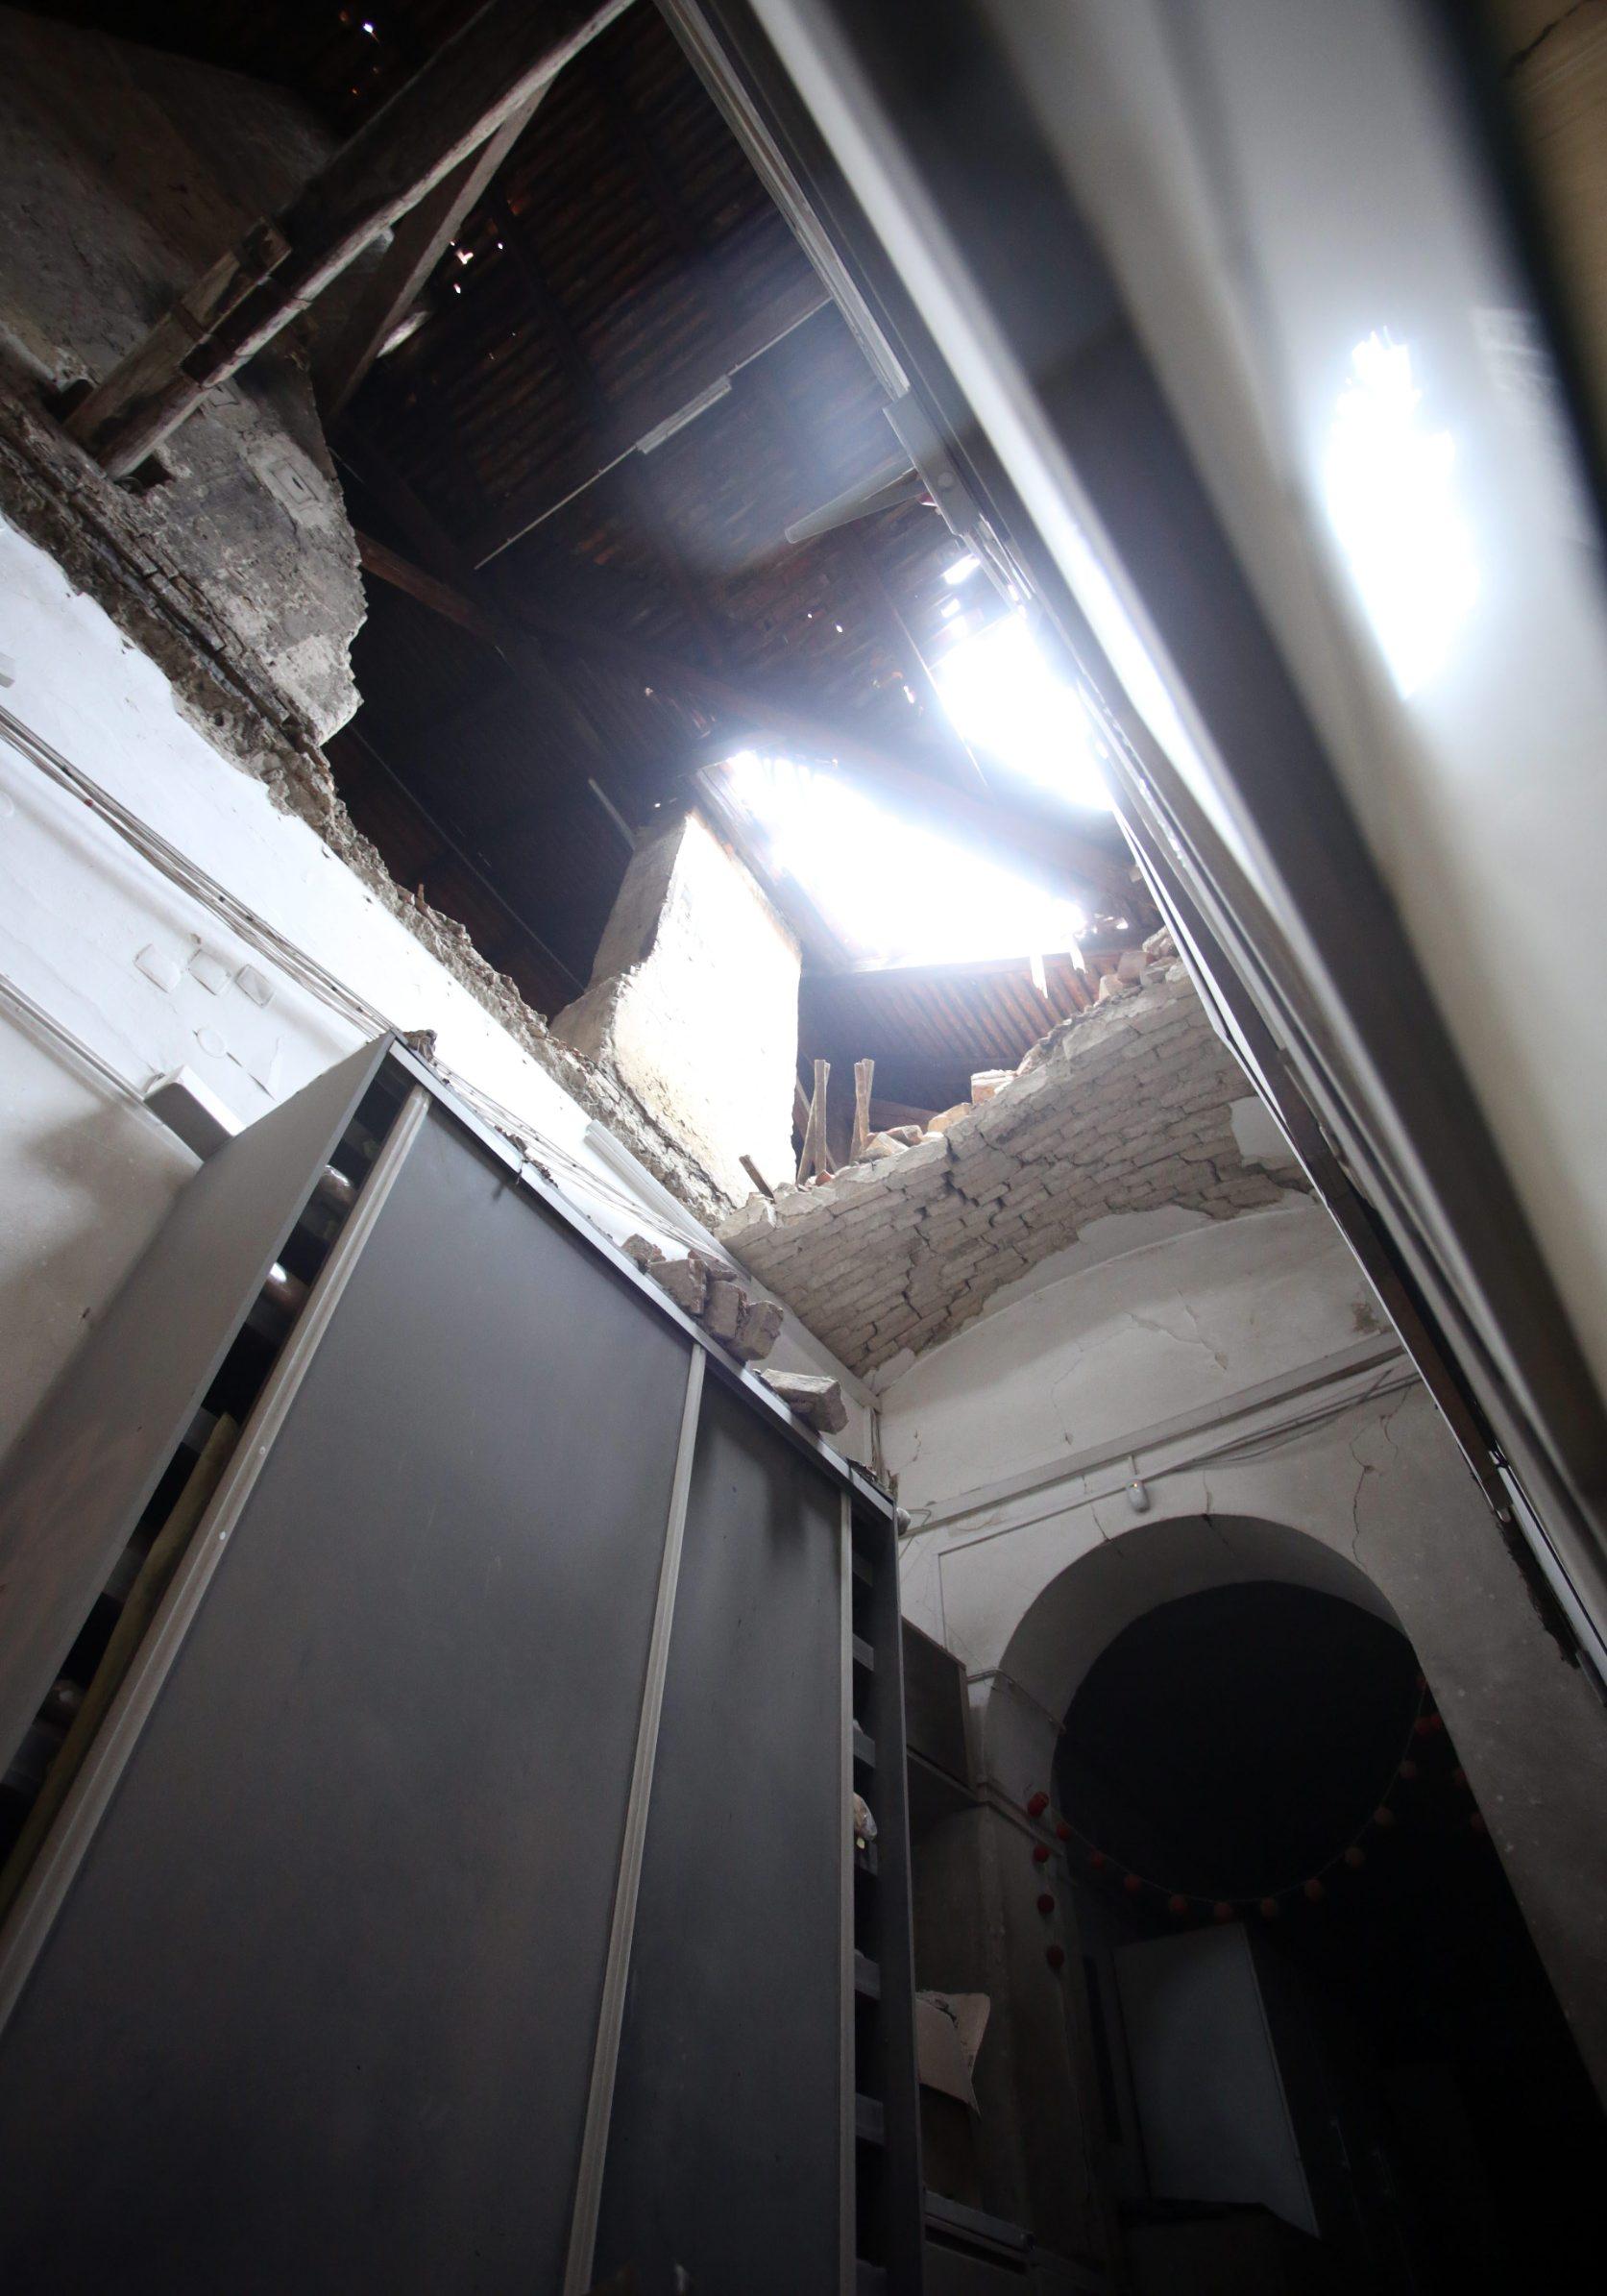 Zagreb, 240320. Muzej za umjetnost i obrt. Muzej je u potresu pretrpio veliku stetu. Foto: Damjan Tadic / CROPIX